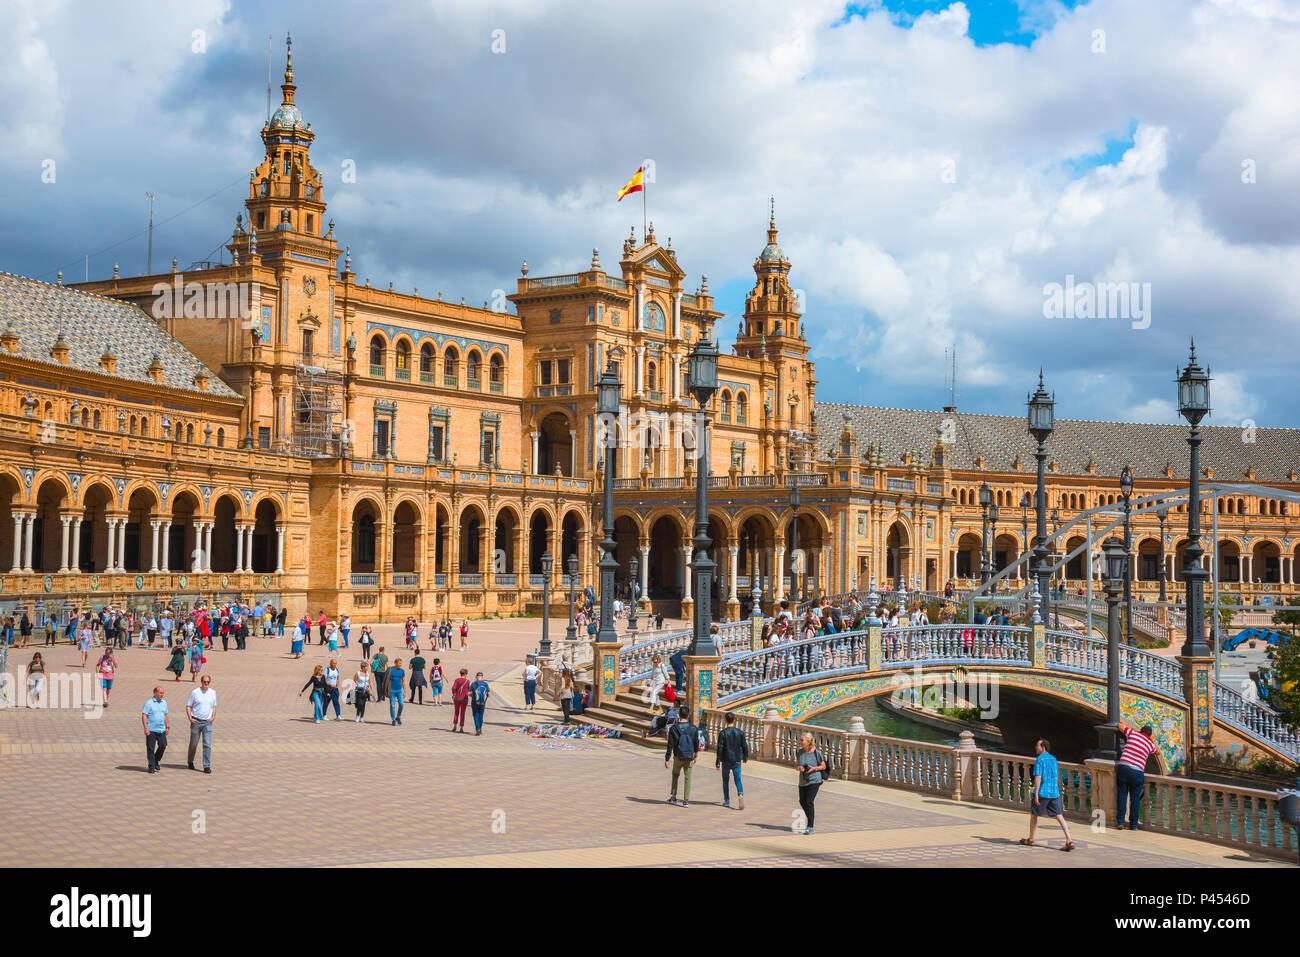 Plaza de España de Séville, à voir des gens marcher dans la Plaza de España à Séville (Sevilla) par un après-midi d'été, Andalousie, espagne. Photo Stock